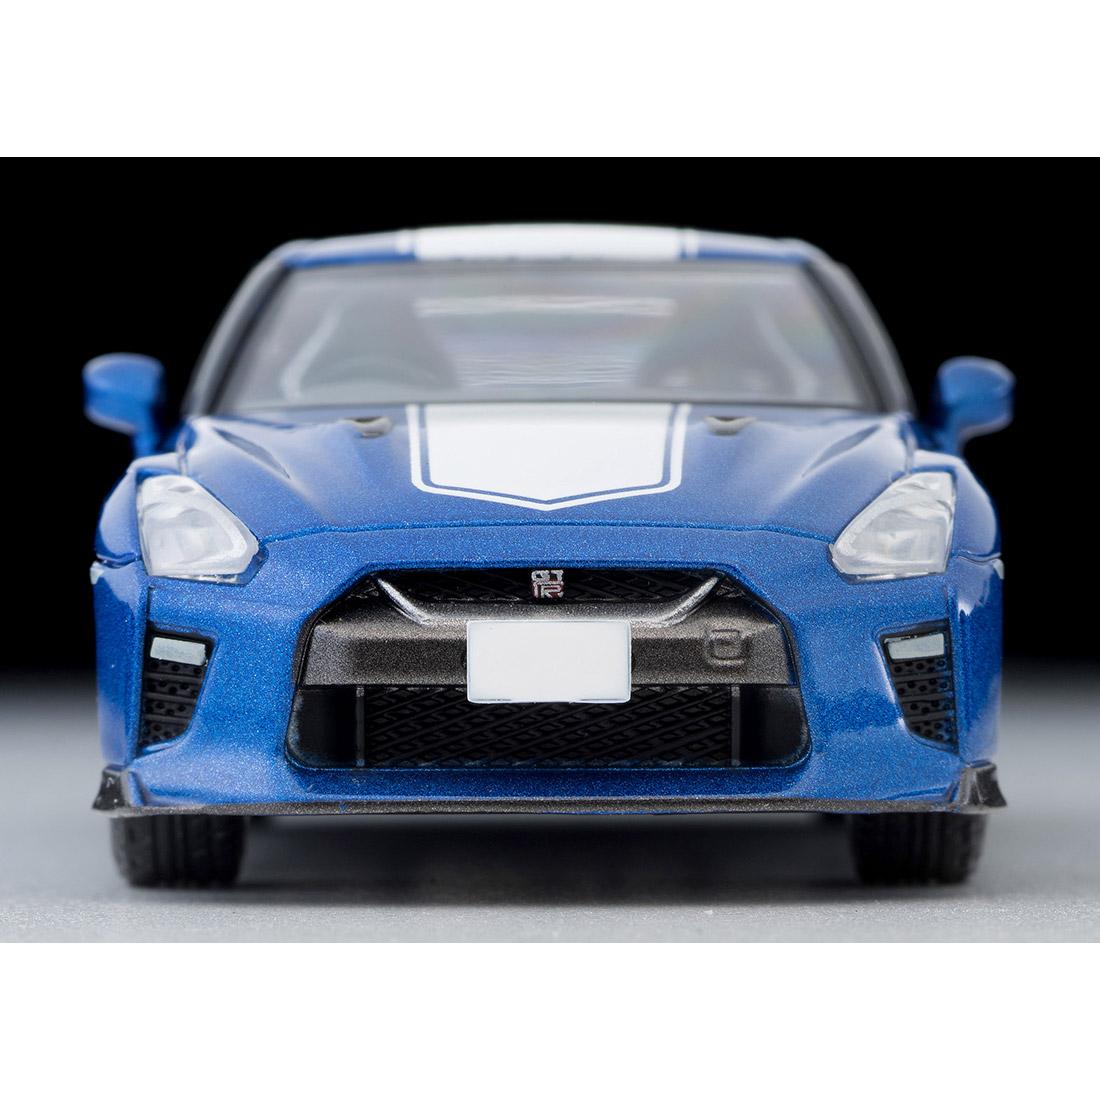 トミカリミテッドヴィンテージ ネオ LV-N200a『日産GT-R 50th ANNIVERSARY(青)』1/64 ミニカー-004